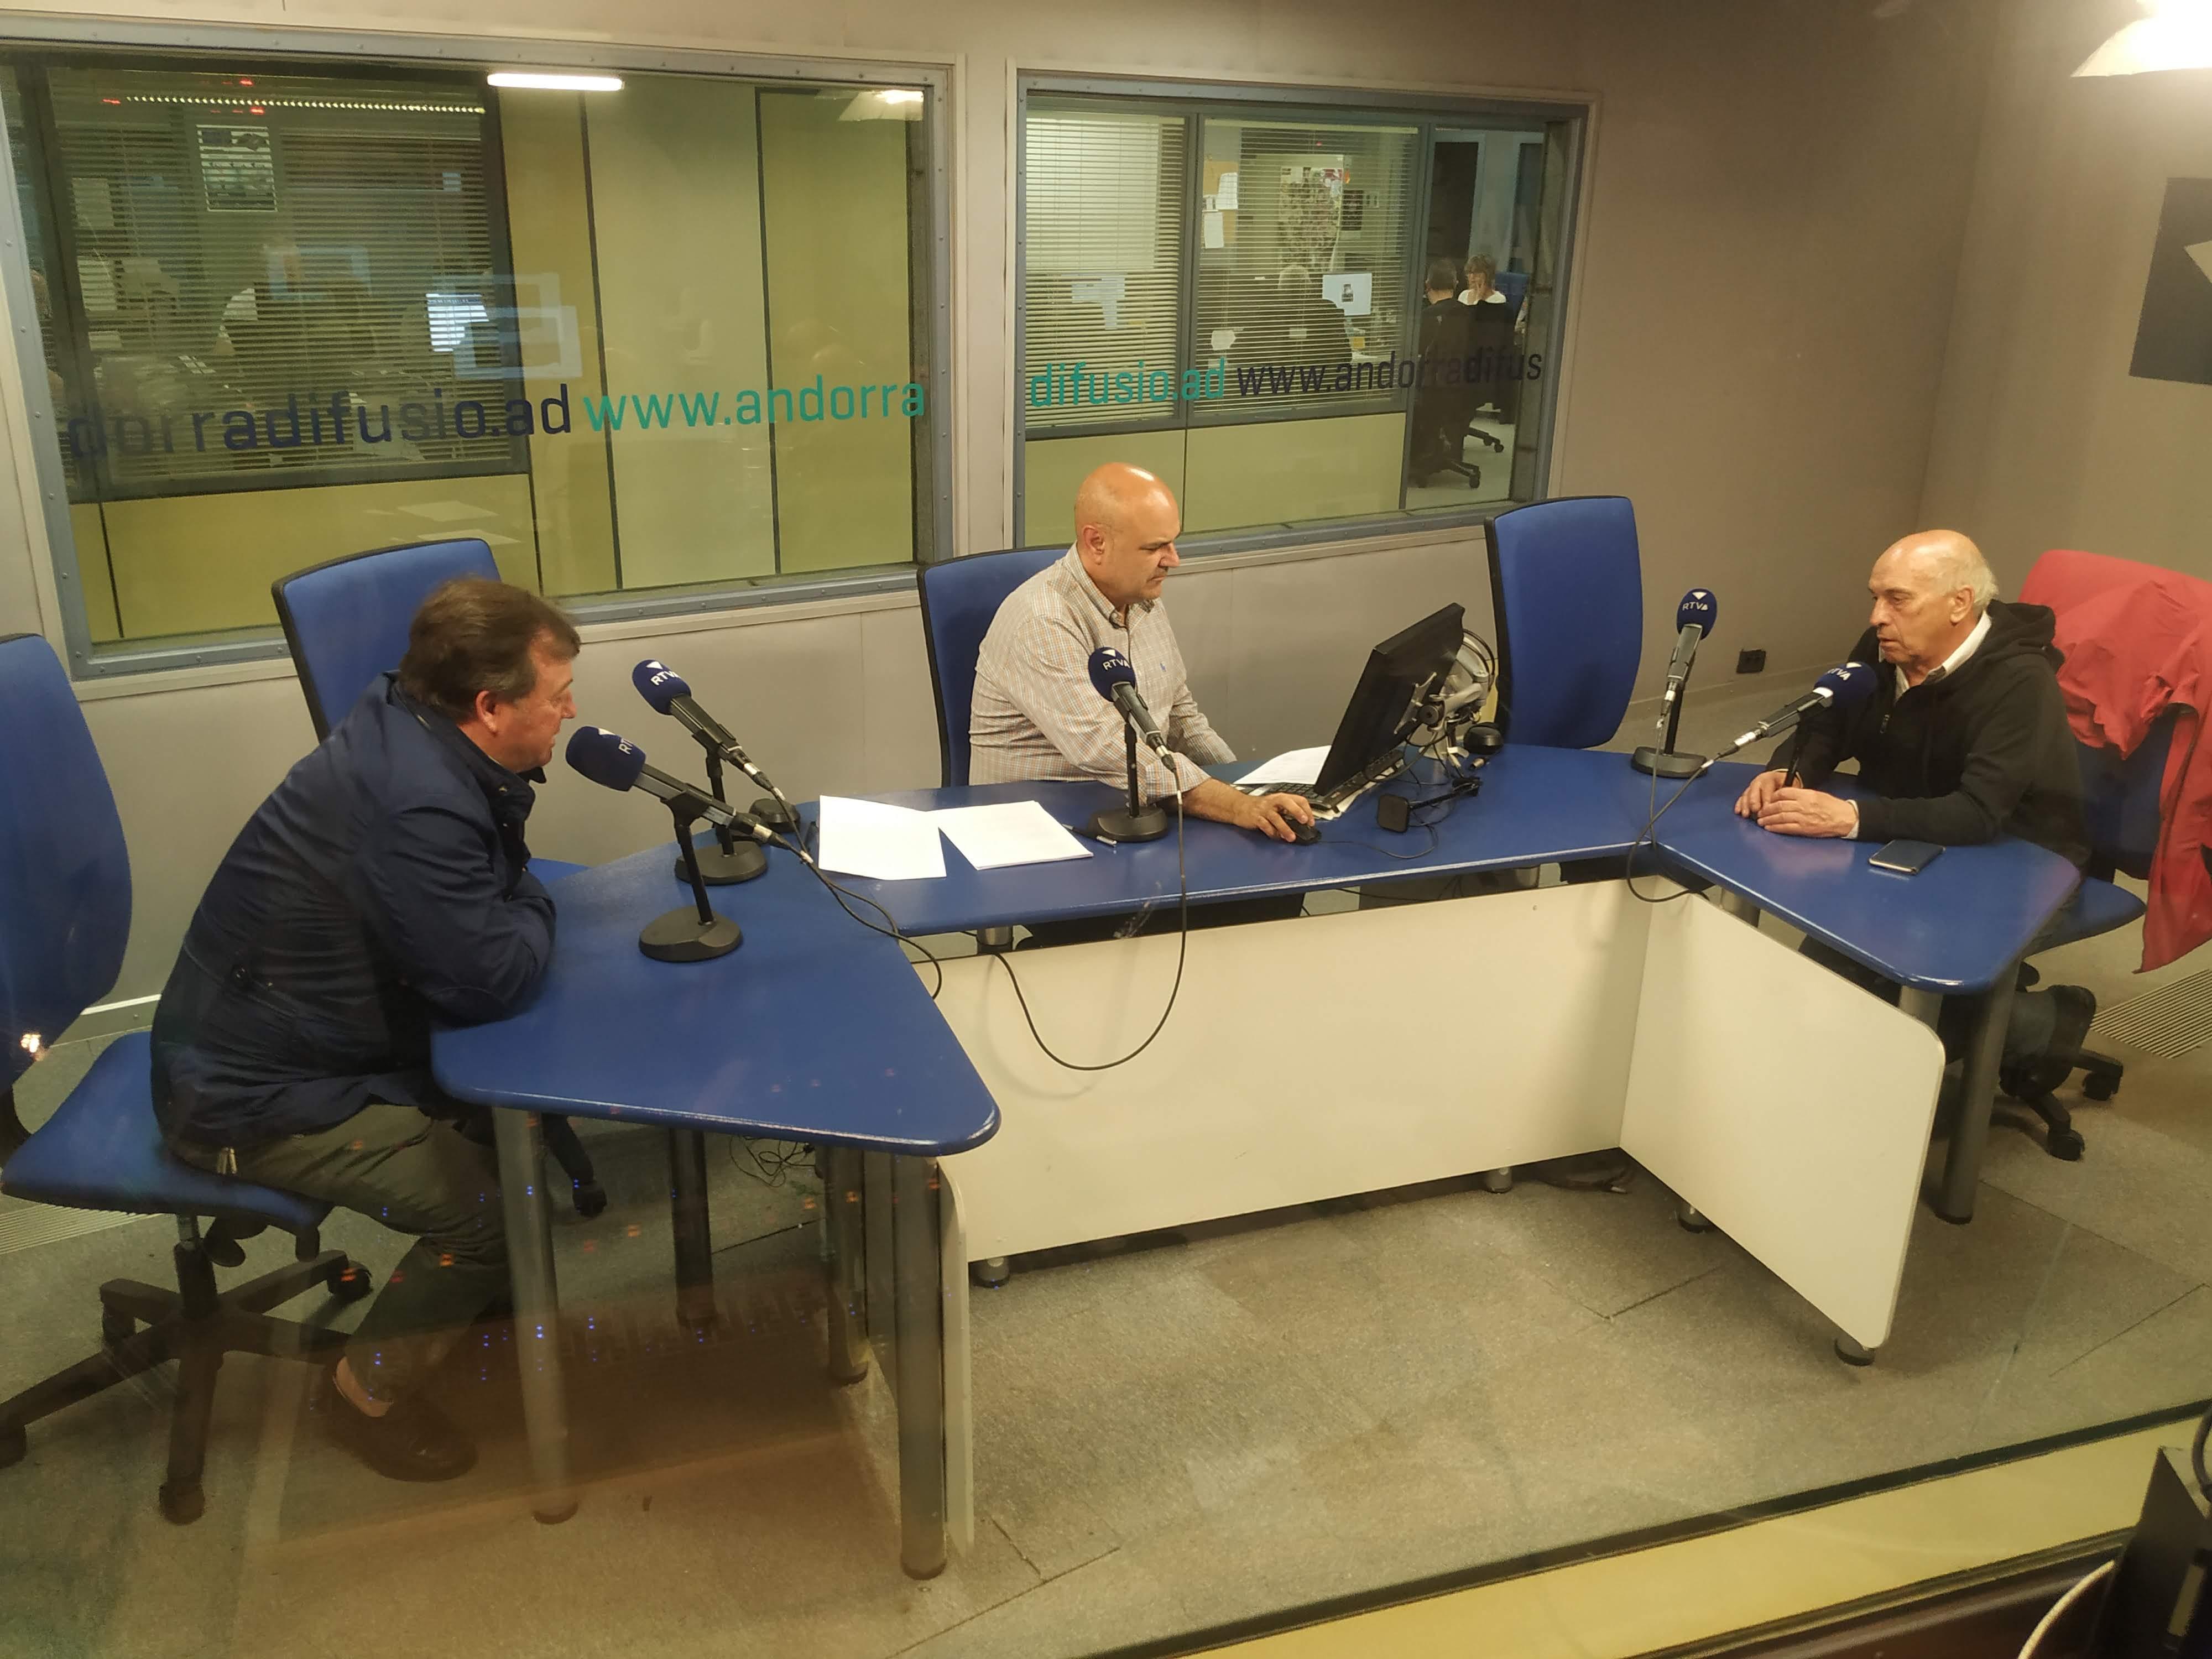 Tertúlia amb Joan Ramon Sánchez i Joan Fenosa 20 de juny del 2019